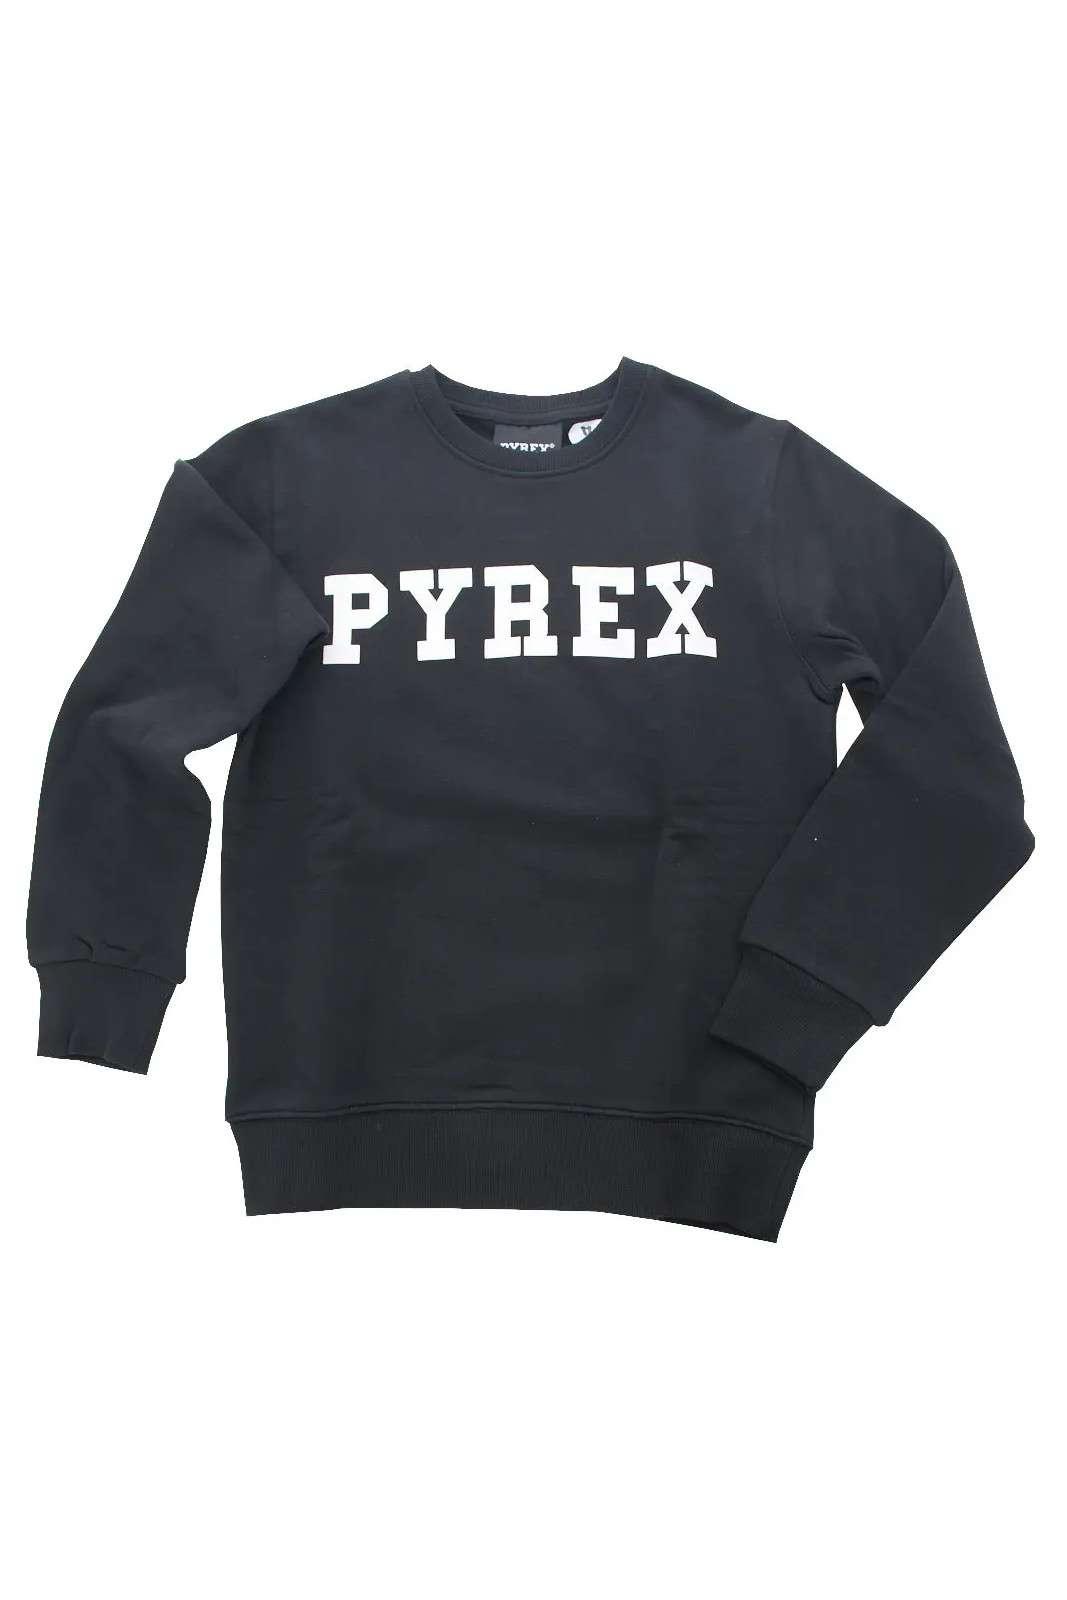 I nuovi arrivi Pyrex Kids ti stupiranno con l'iconica felpa da ragazza. La vestibilità regolare si impone su uno stile minimal, impreziosito dallo storico marchio stampato. Da indossare con pantaloni da jogging o con gonne, è sempre un essential.